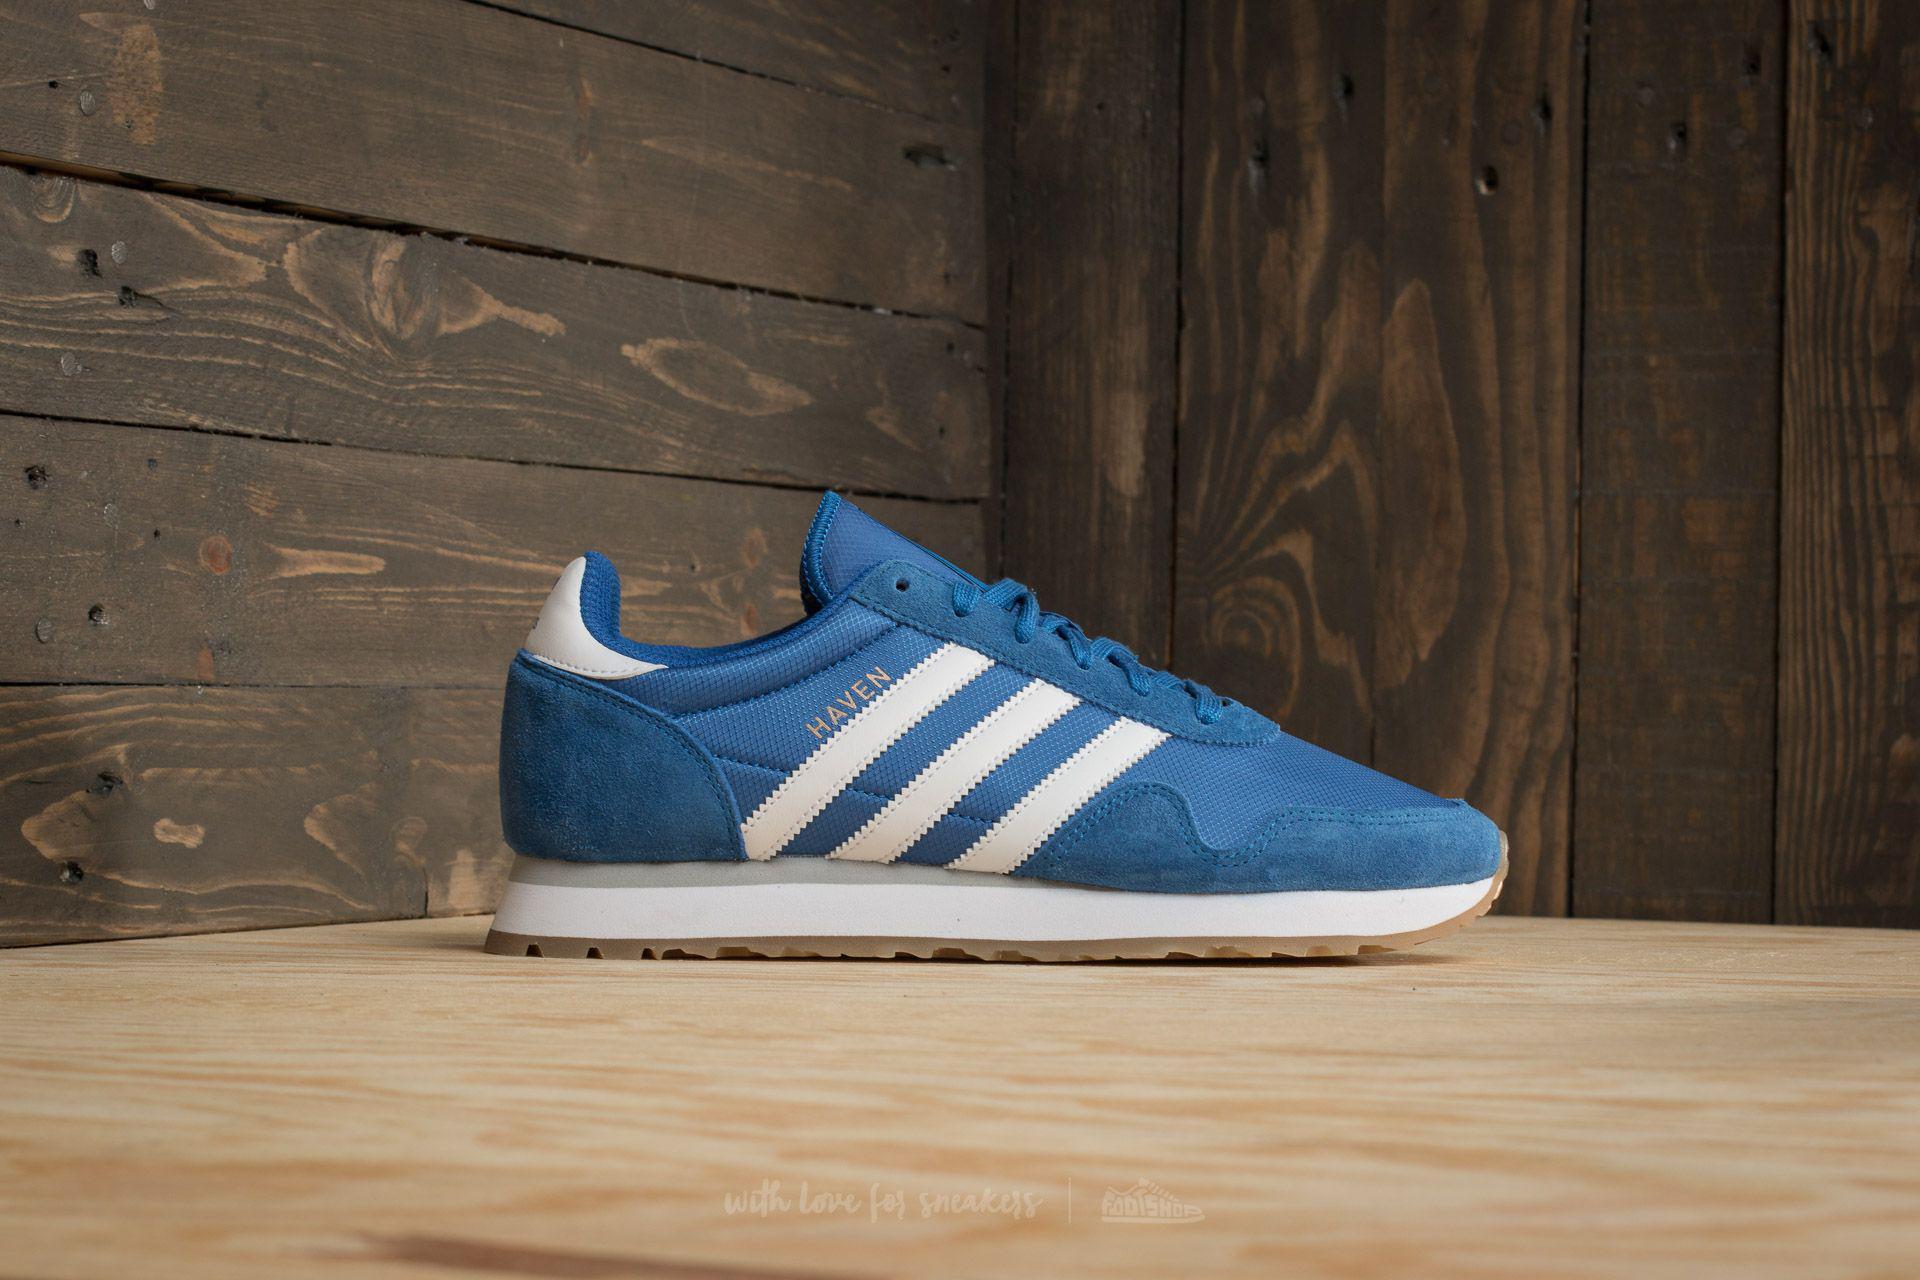 Lyst - adidas Originals Adidas Haven Blue  Footwear White  Gum in ... 124553df77